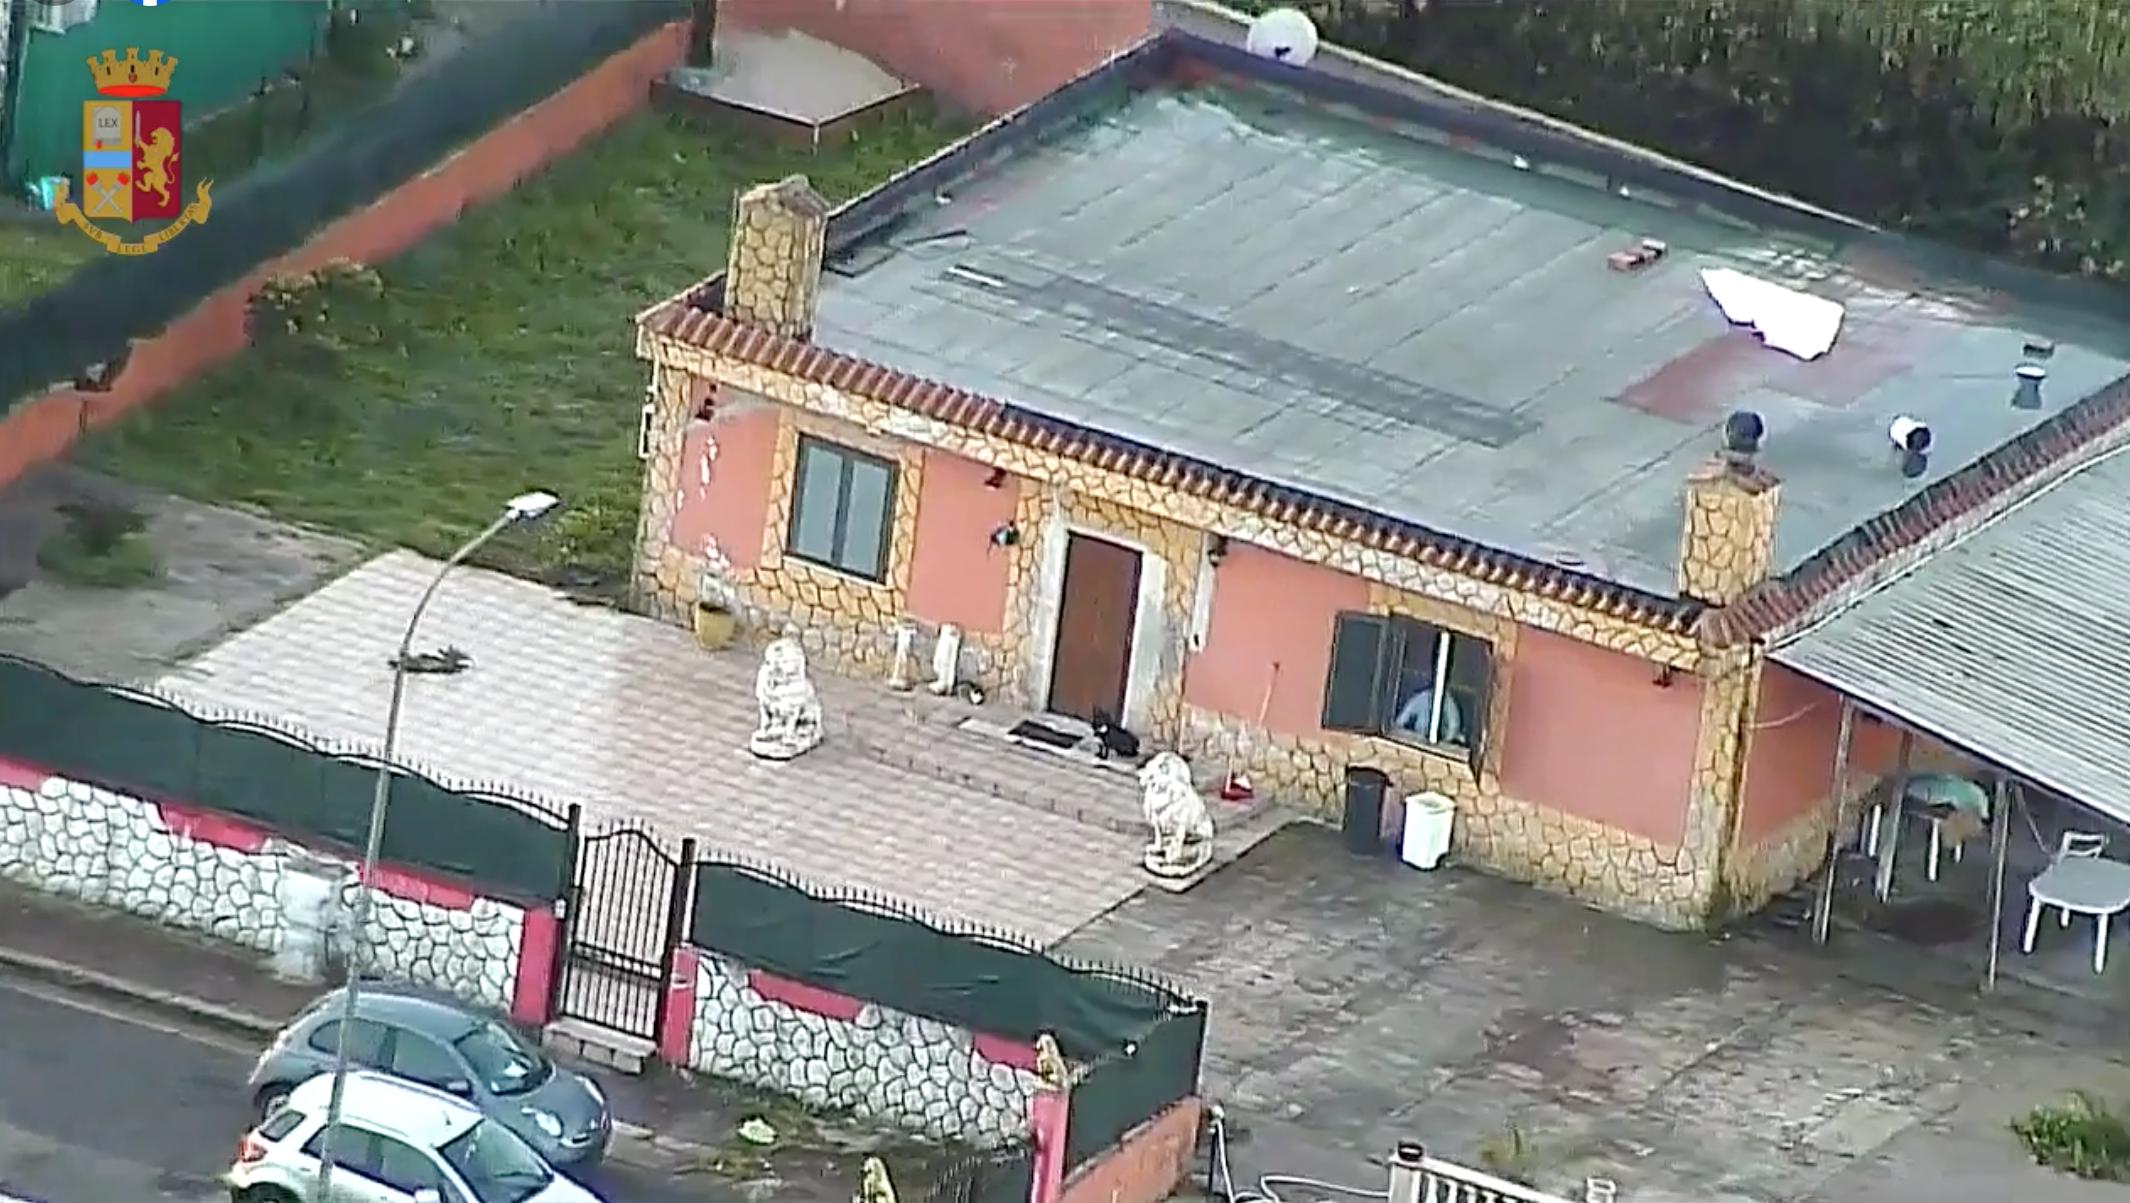 La casa in Via Moncenisio destinataria dell'ordine di demolizione